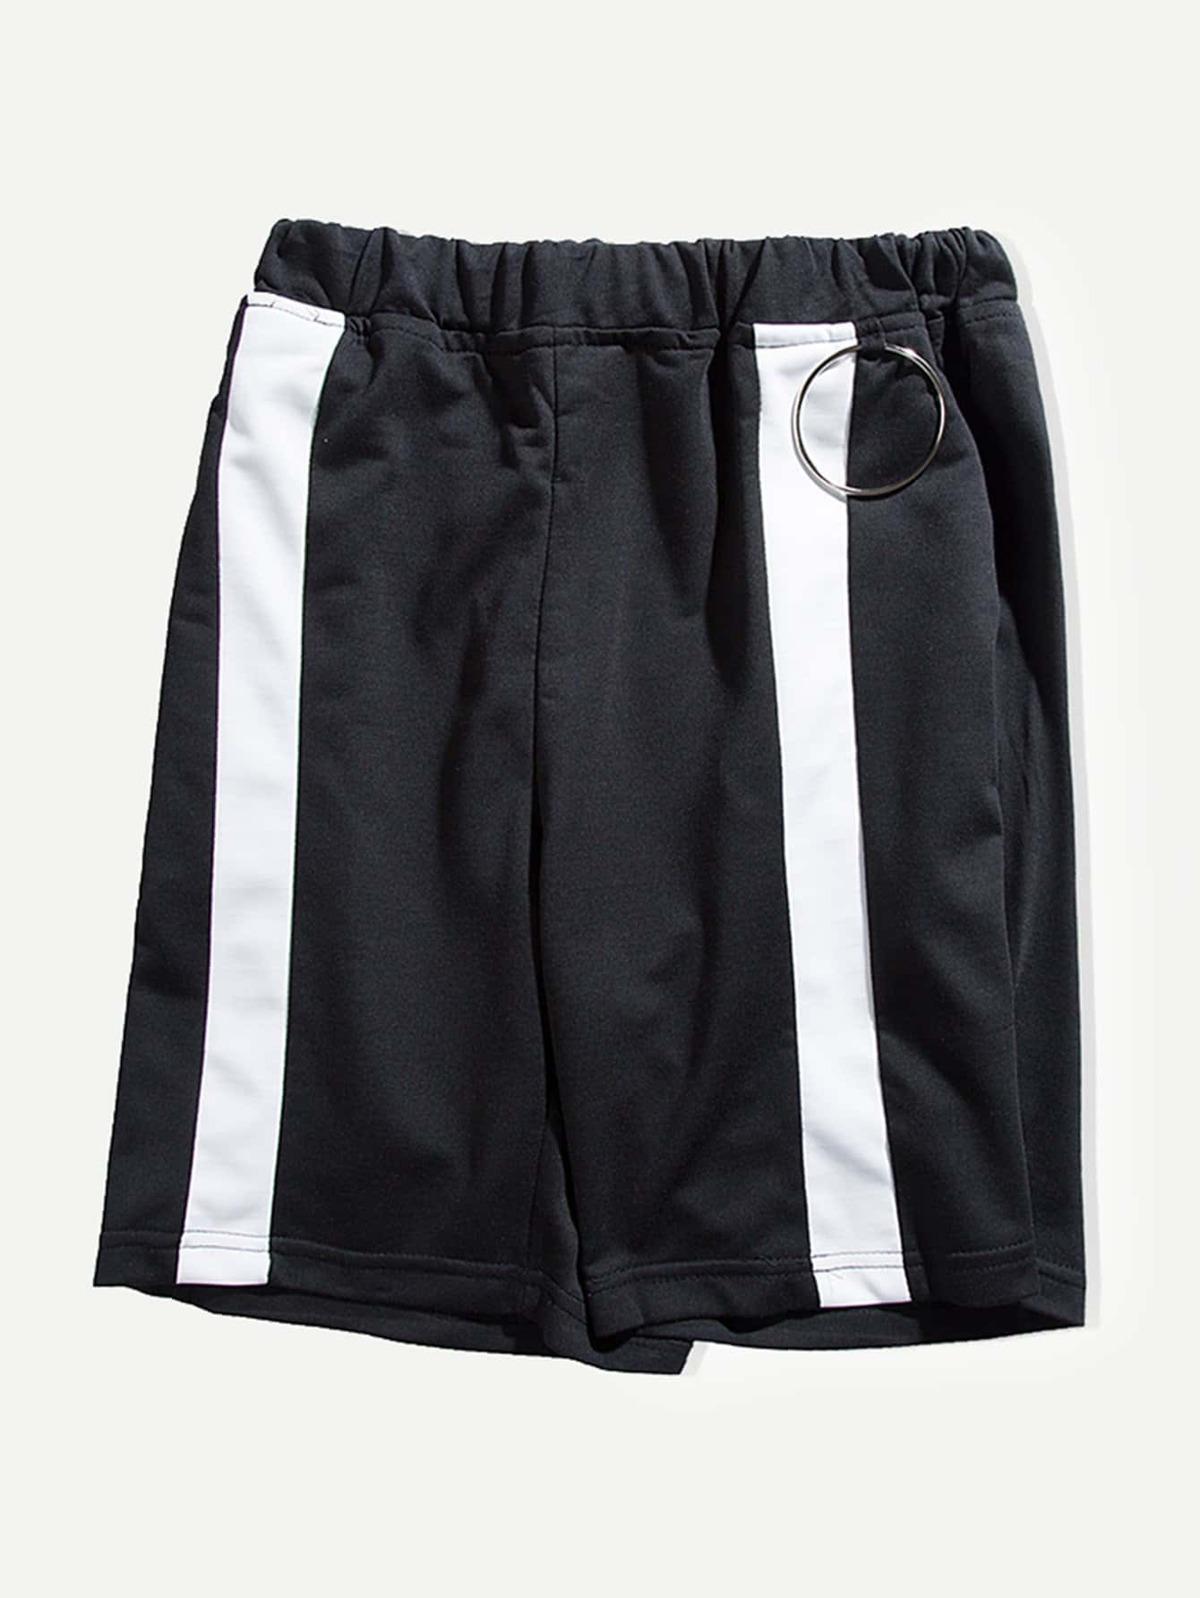 男人 條紋 裝飾 短褲